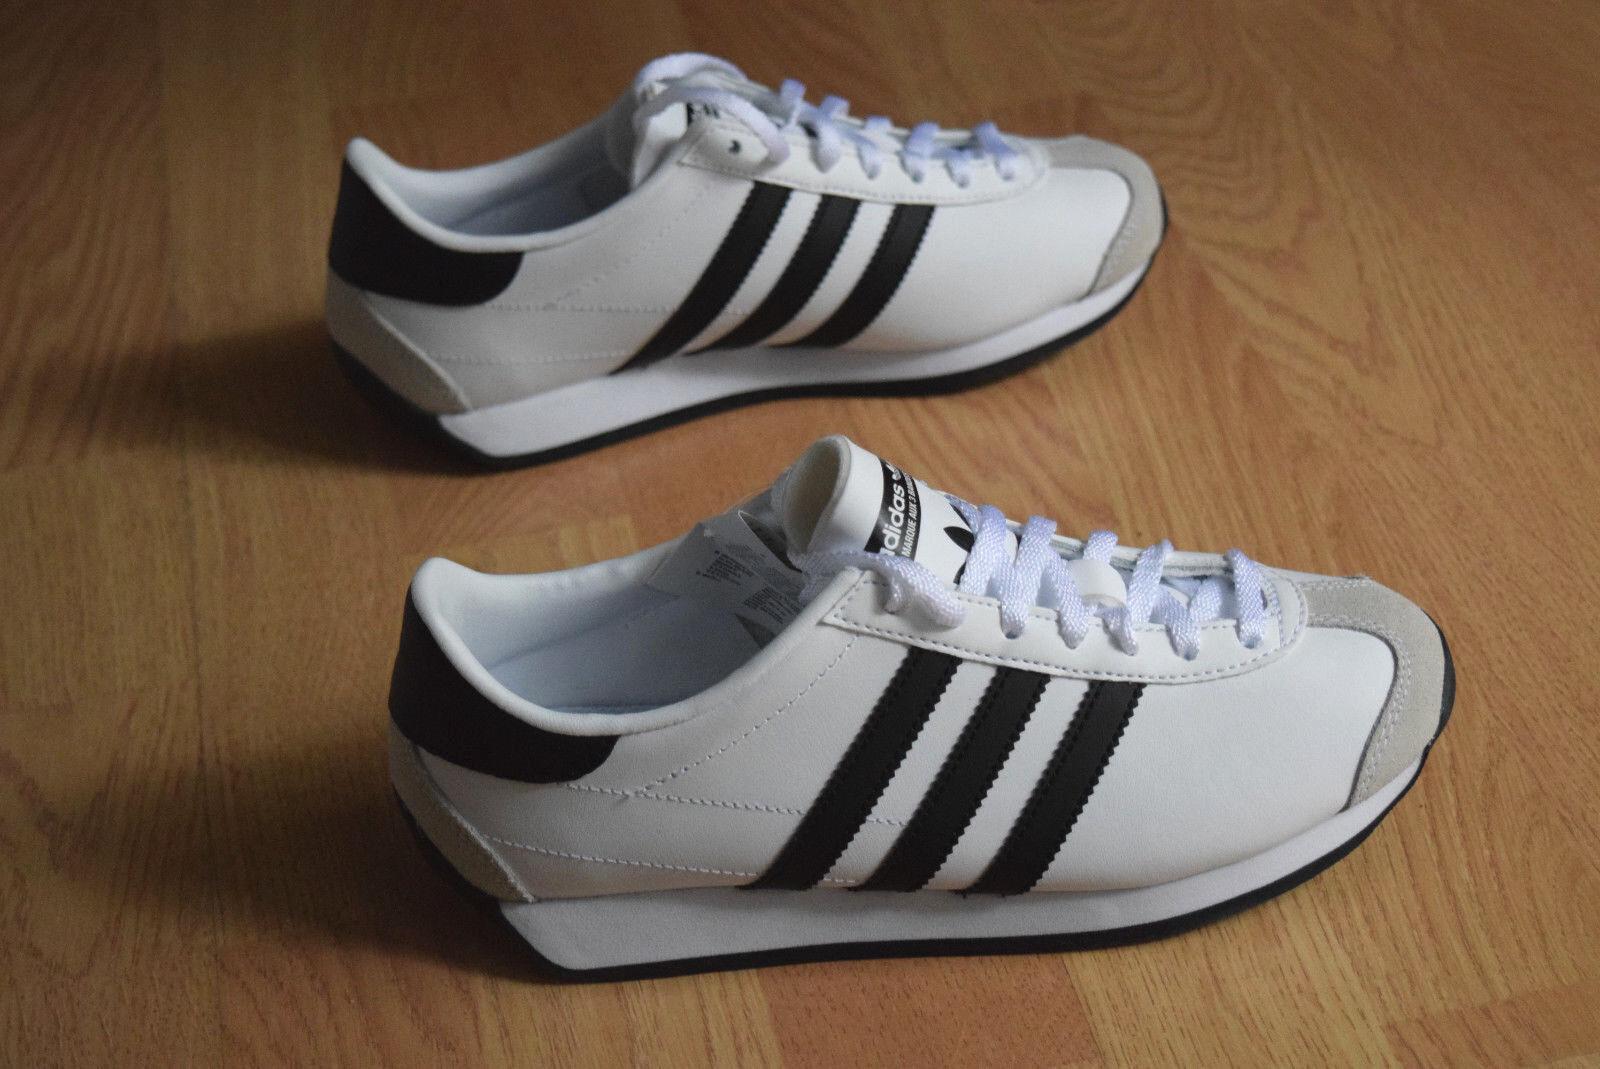 Adidas Country OG blanco J S80227 blanco OG calzado 0ebc1f